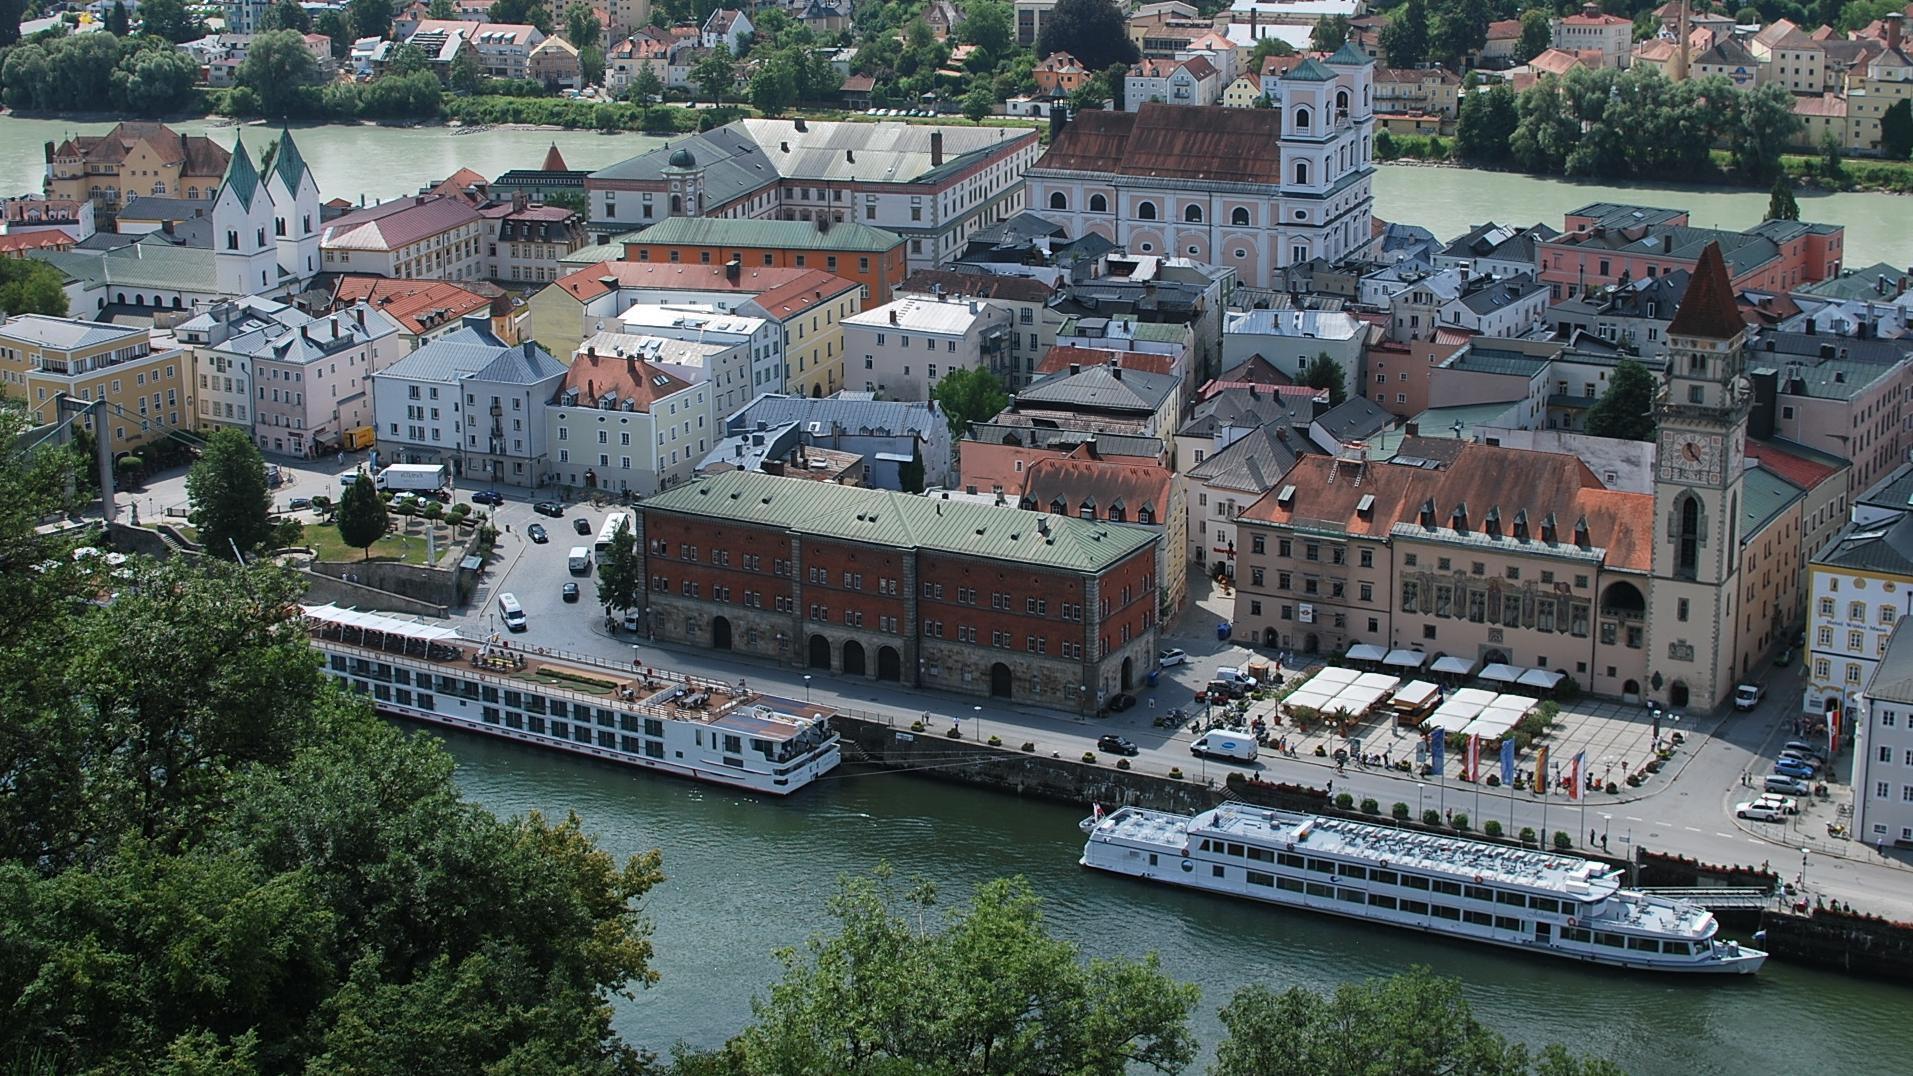 Schiffe an den Anlegeplätzen in Passau